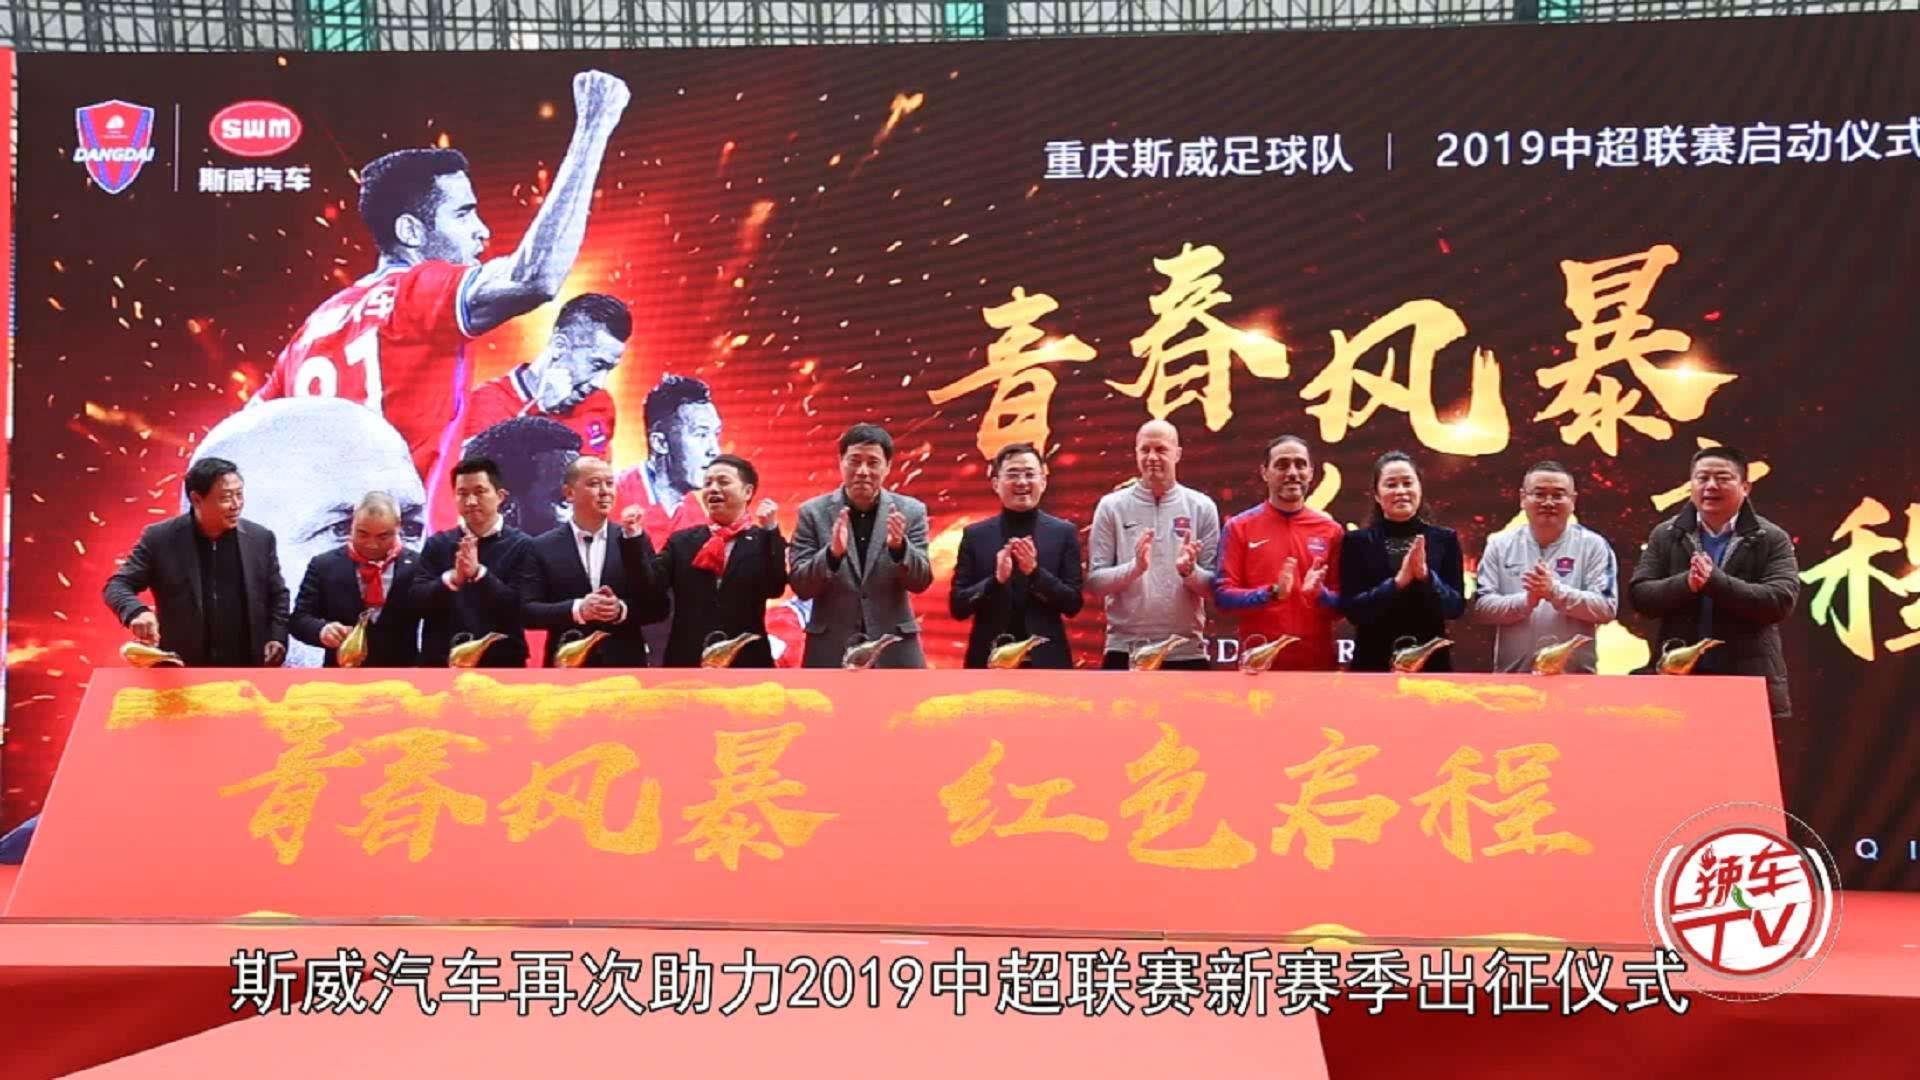 20台斯威G01F送球员,2019重庆足球更有看头?